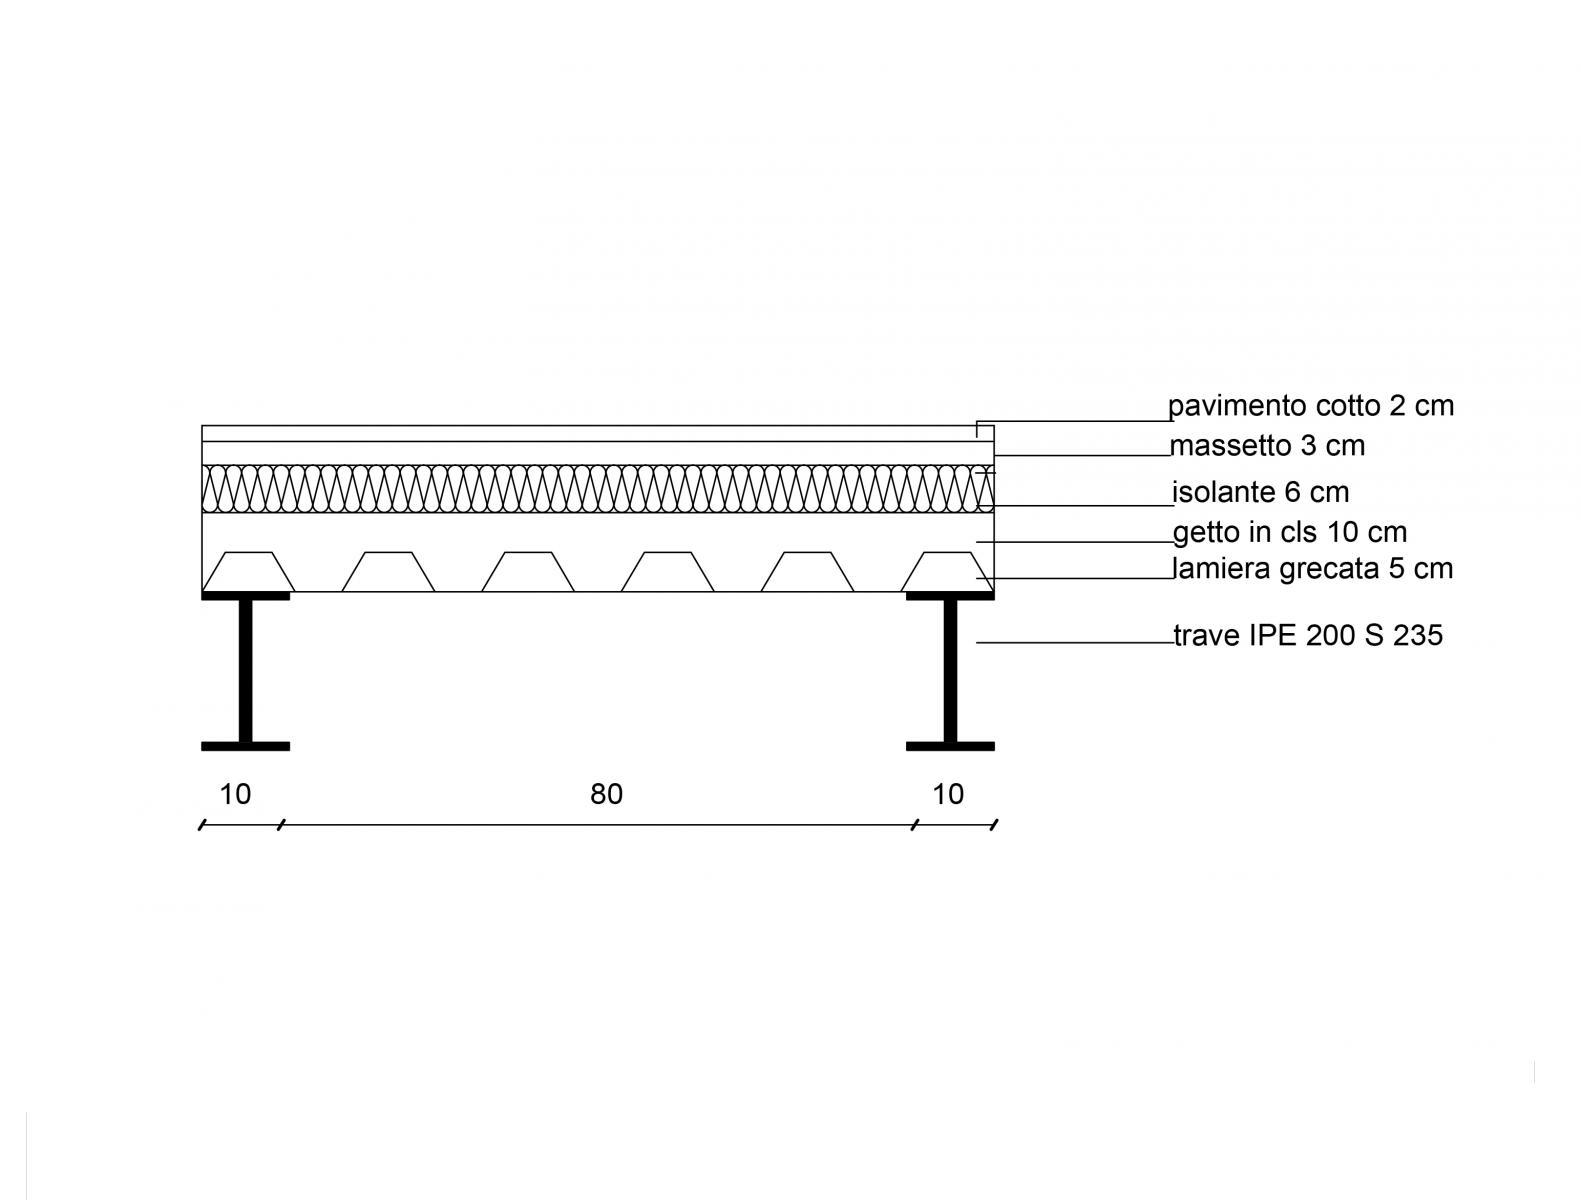 Esercitazione 3 Dimensionamento Di Una Trave A Sbalzo In Legno Acciaio E Cemento Armato